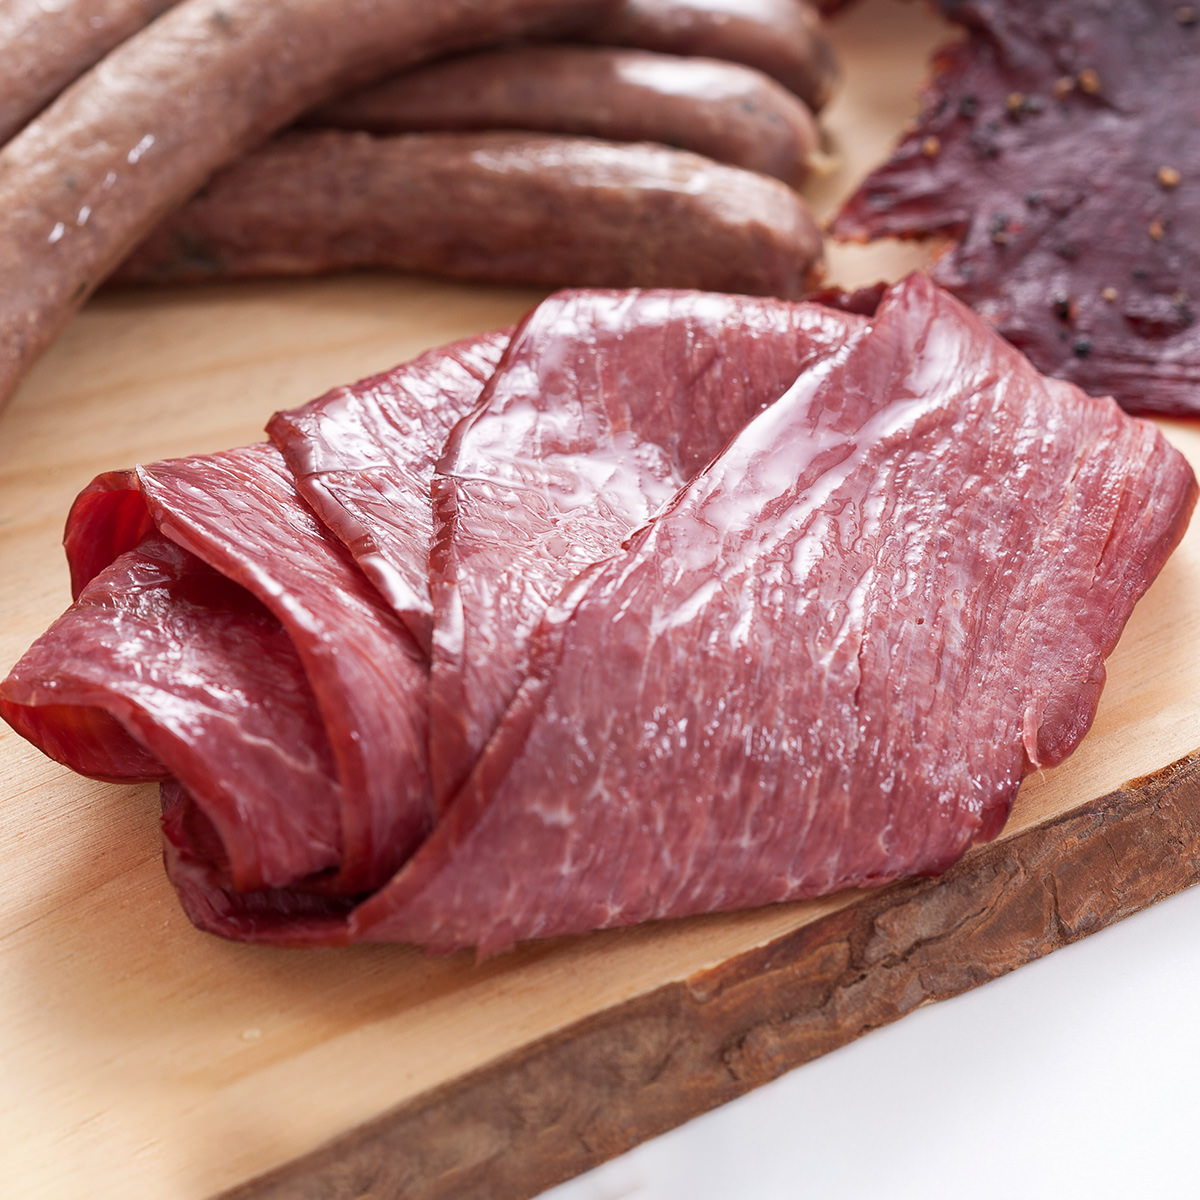 東京農大バイオインダストリー 低脂肪高たんぱく 北海道産 エミュースモークハム 2個セット〔40g×2〕